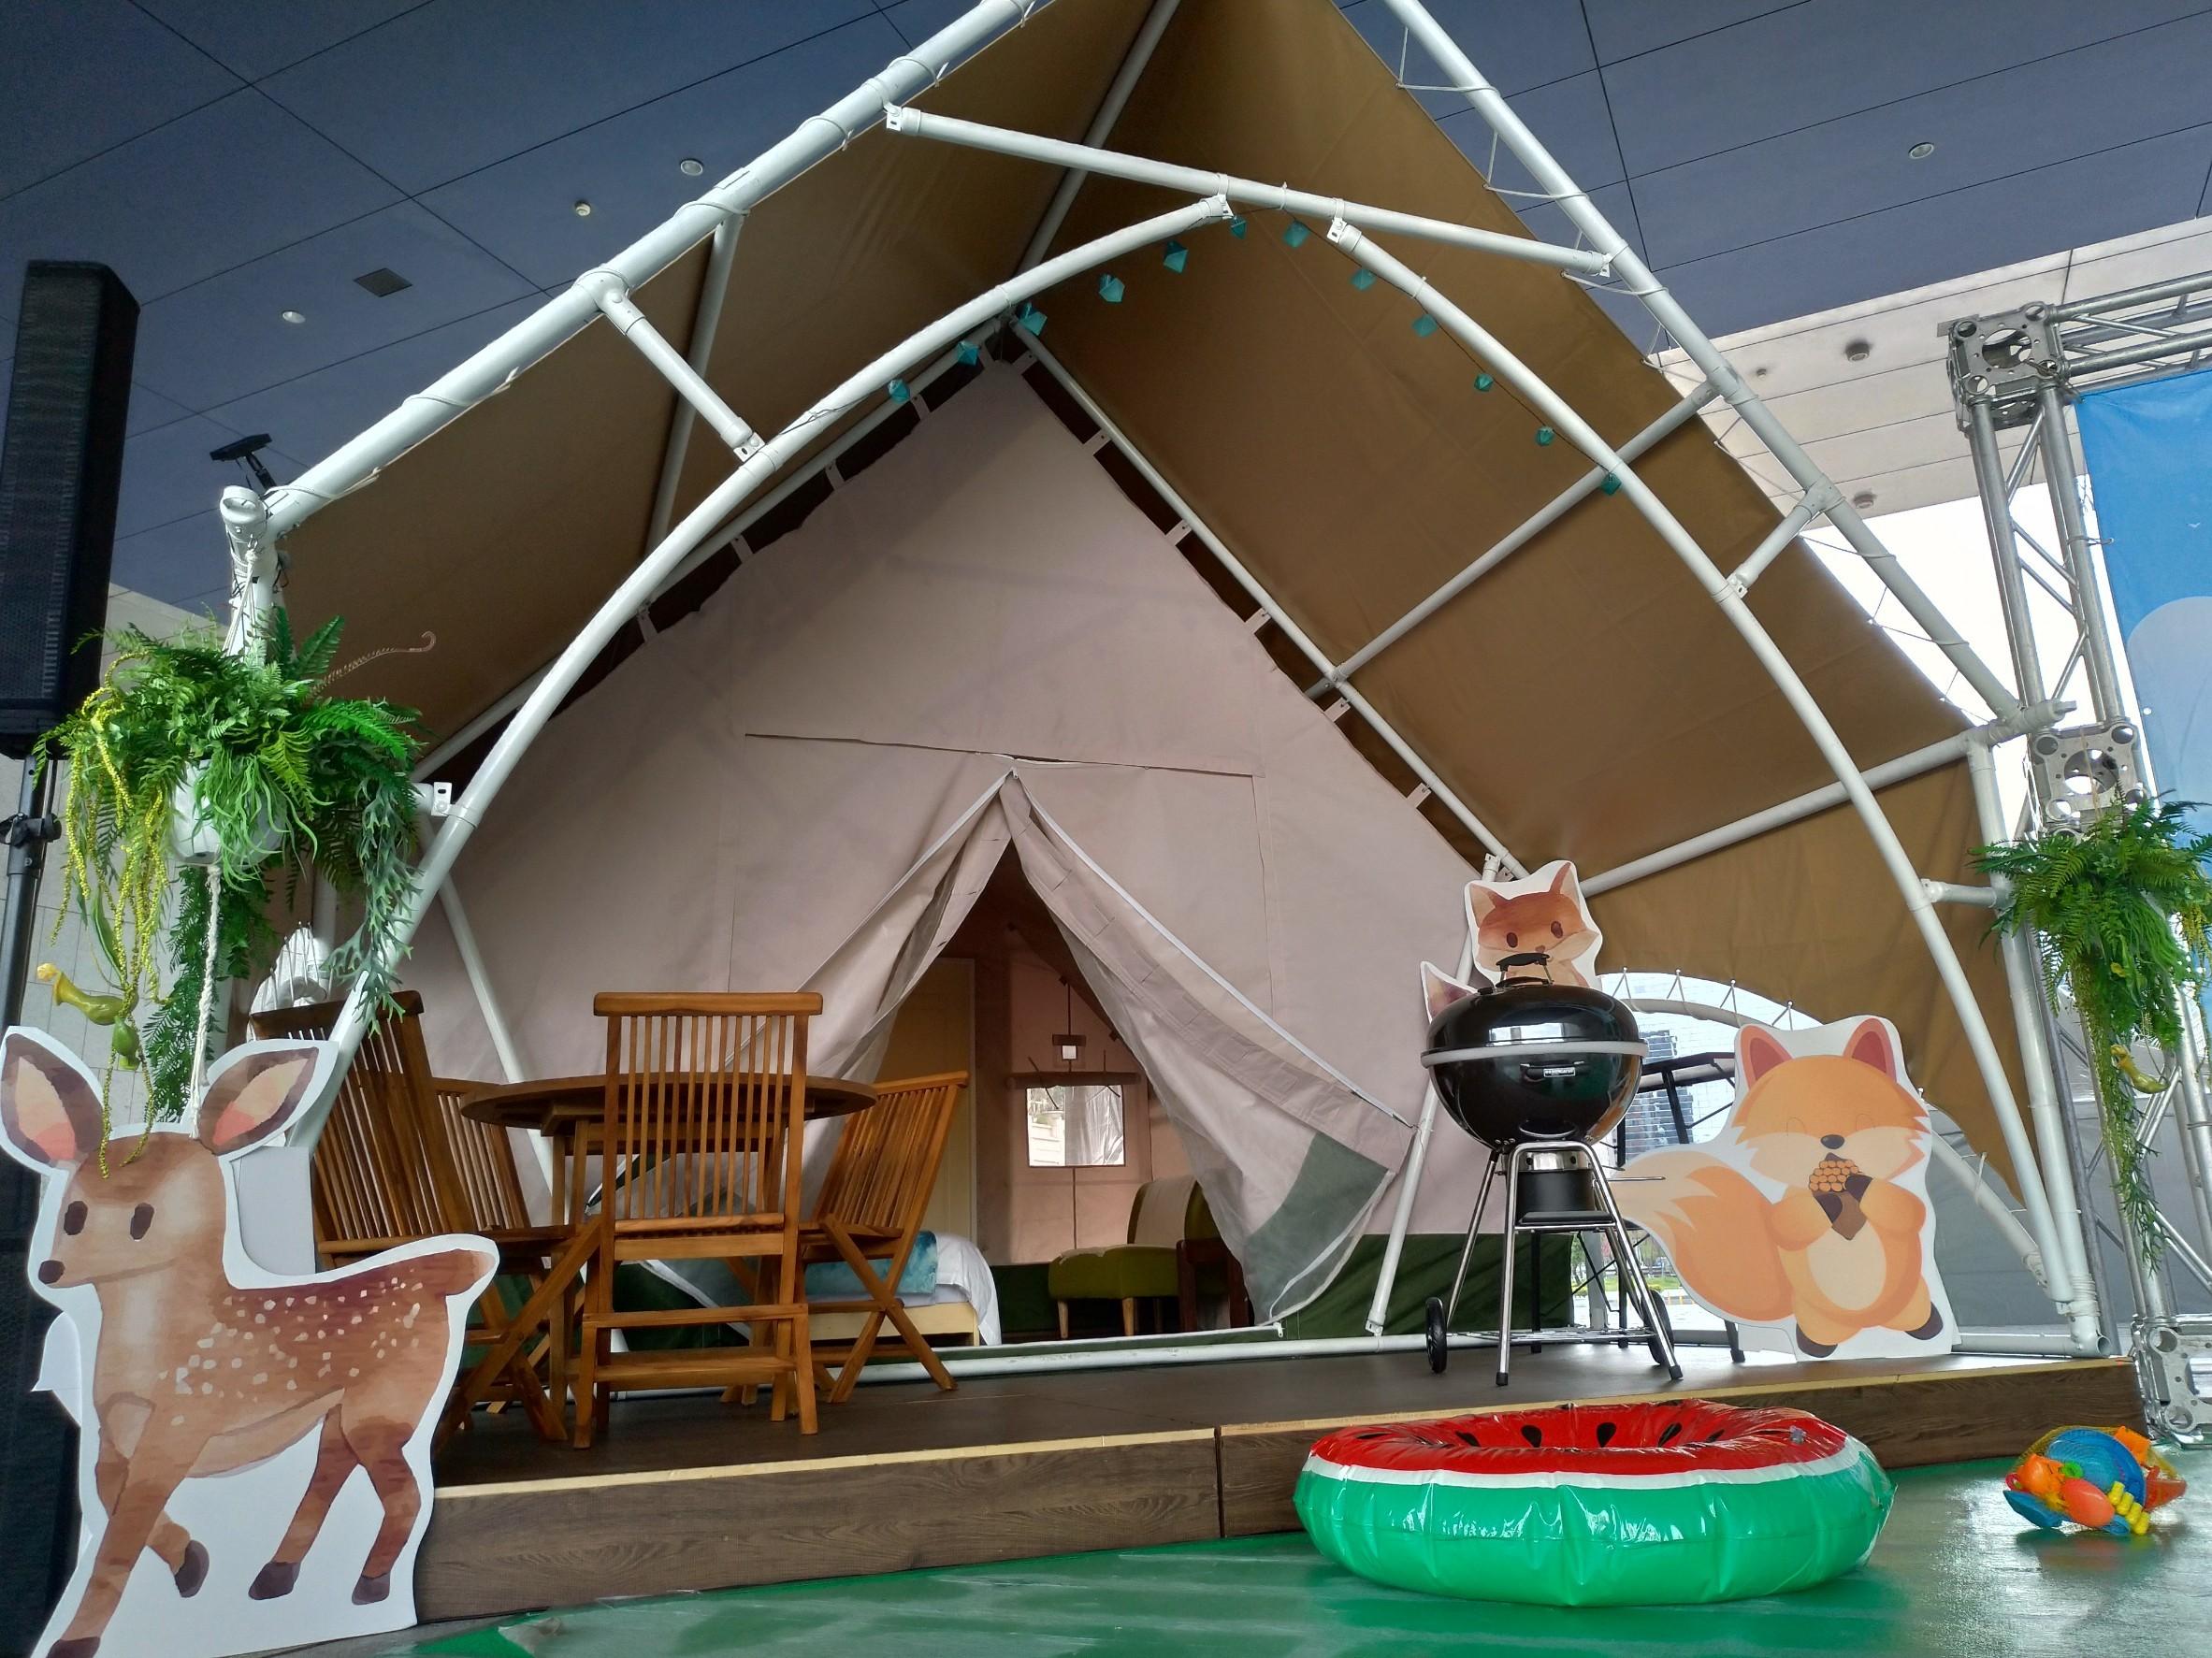 親子露營玩水勝地設備大升級 大安濱海樂園豪華露營區6月亮眼登場。(記者林俊維翻攝)